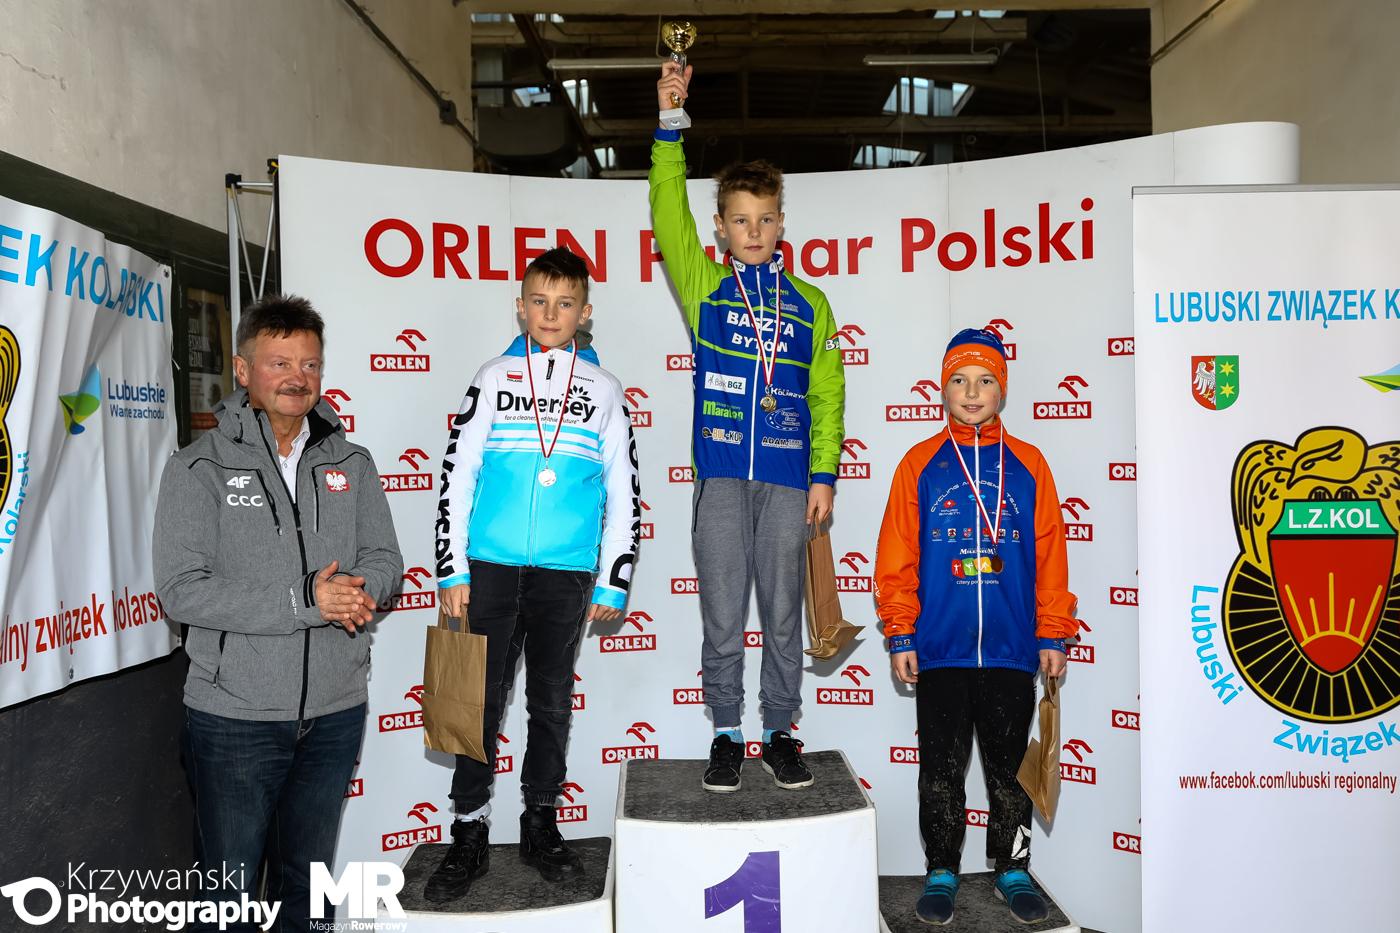 http://magazynrowerowy.pl/logmein/wp-content/uploads/2017/11/Orlen-PP-CX_IV-seria_Strzelce-Krajenskie-2017_1231.jpg